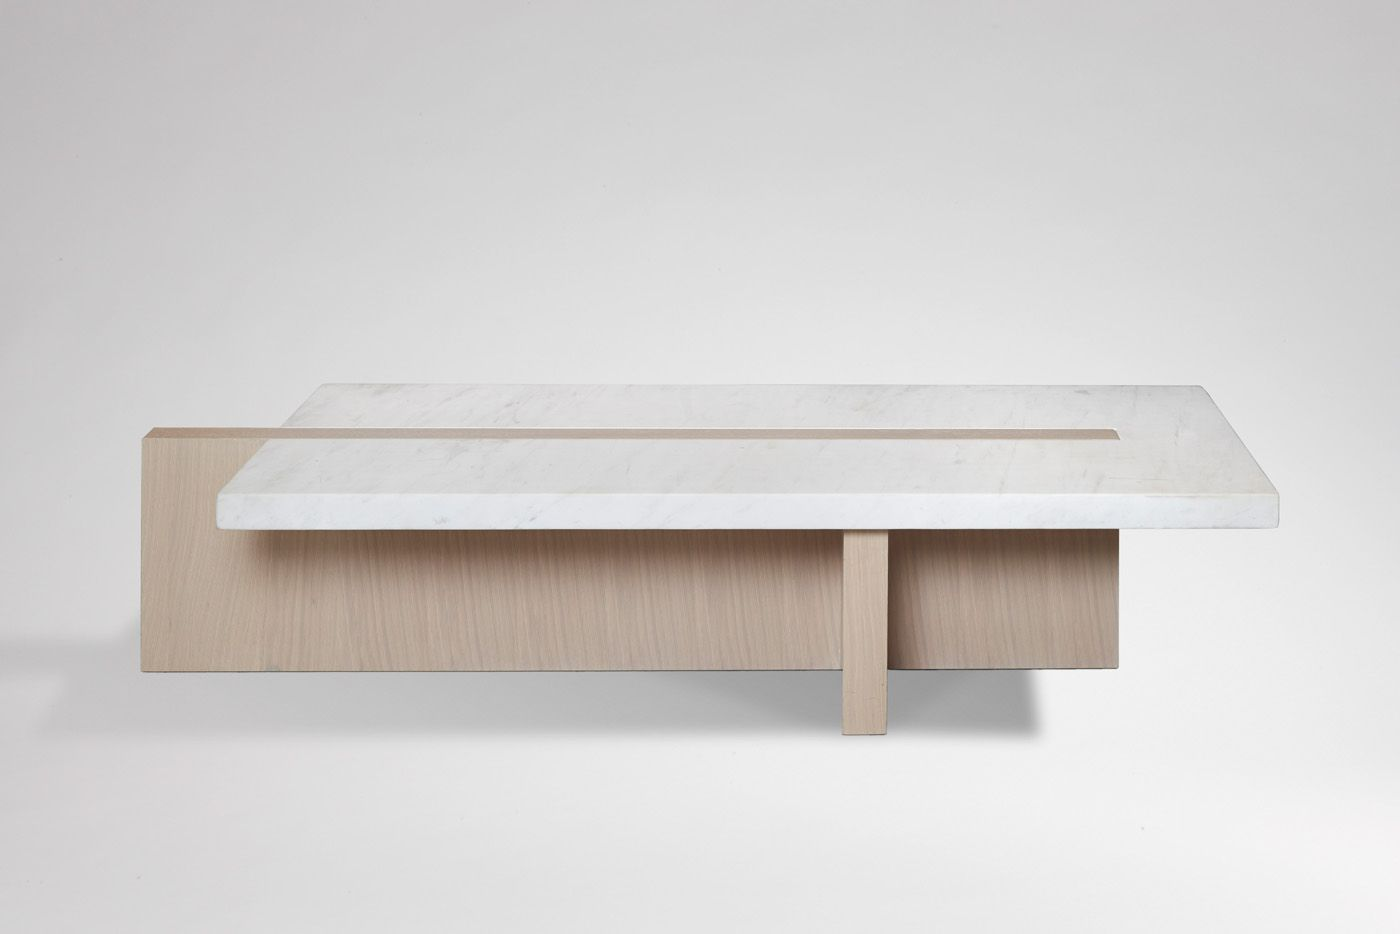 Jean michel wilmotte furniture for hotel de nell f - Wilmotte design ...